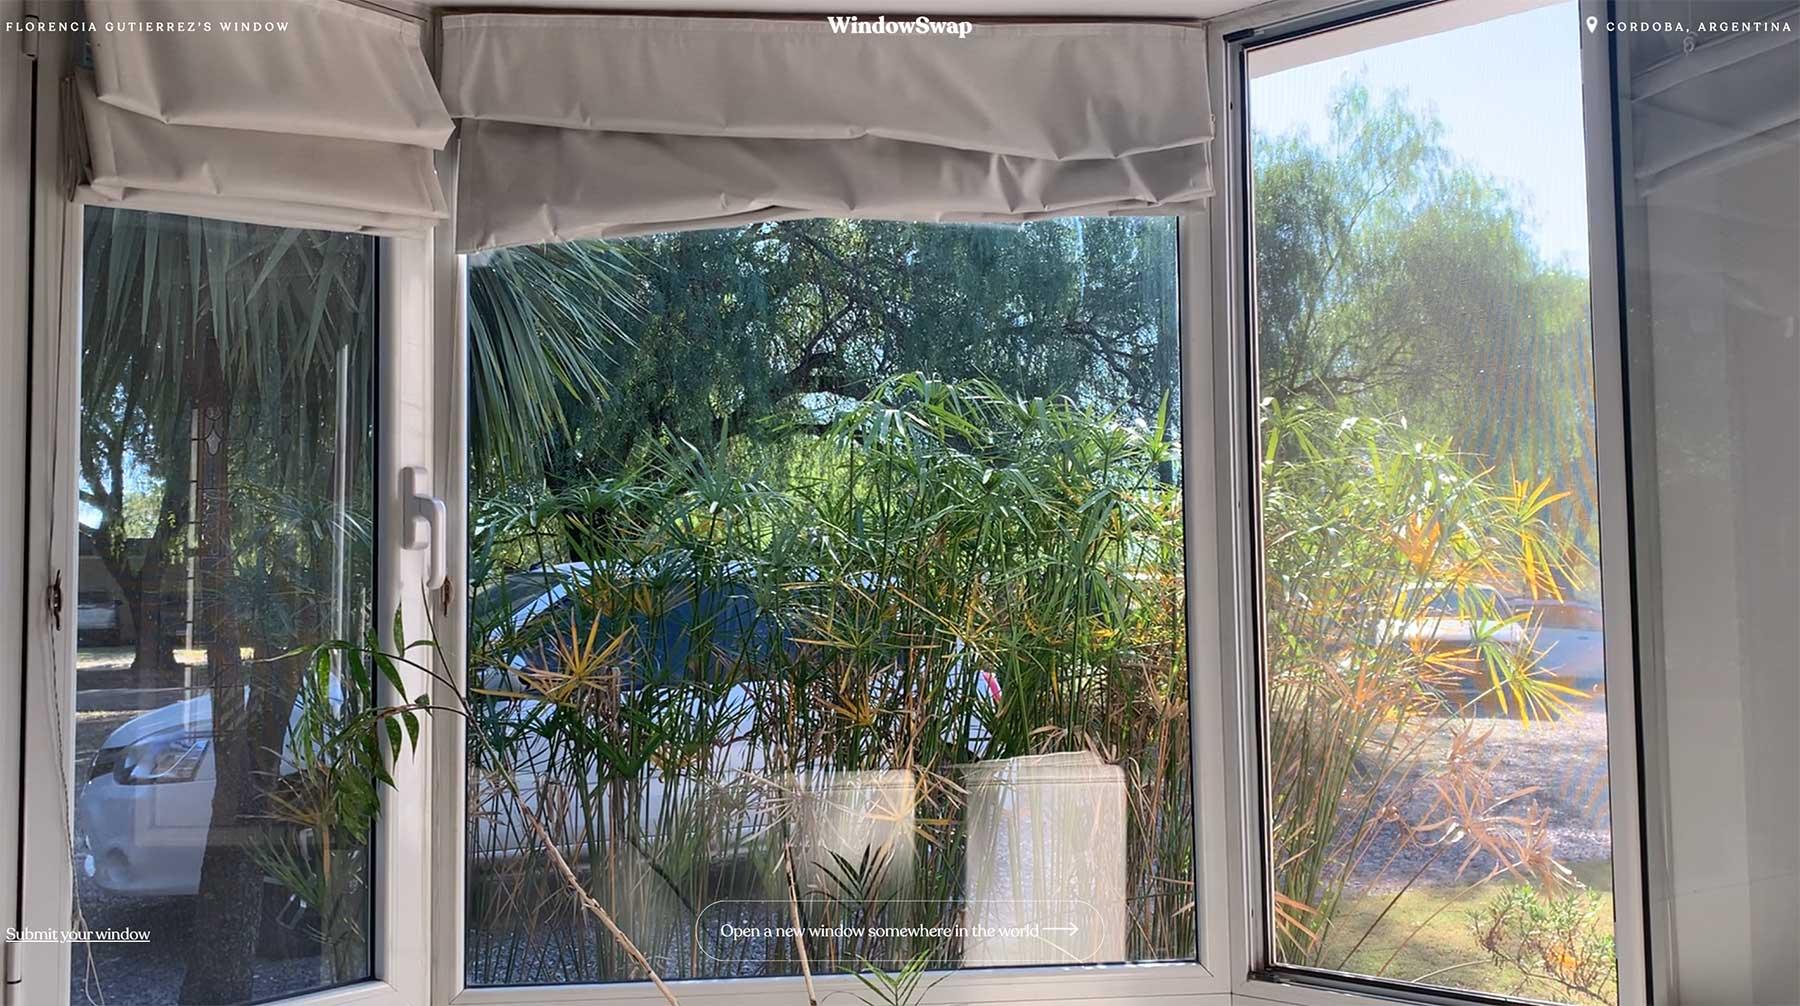 """""""WindowSwap"""" lässt euch durch Fenster aus aller Welt schauen windowswap_fenster-aus-aller-welt_02"""